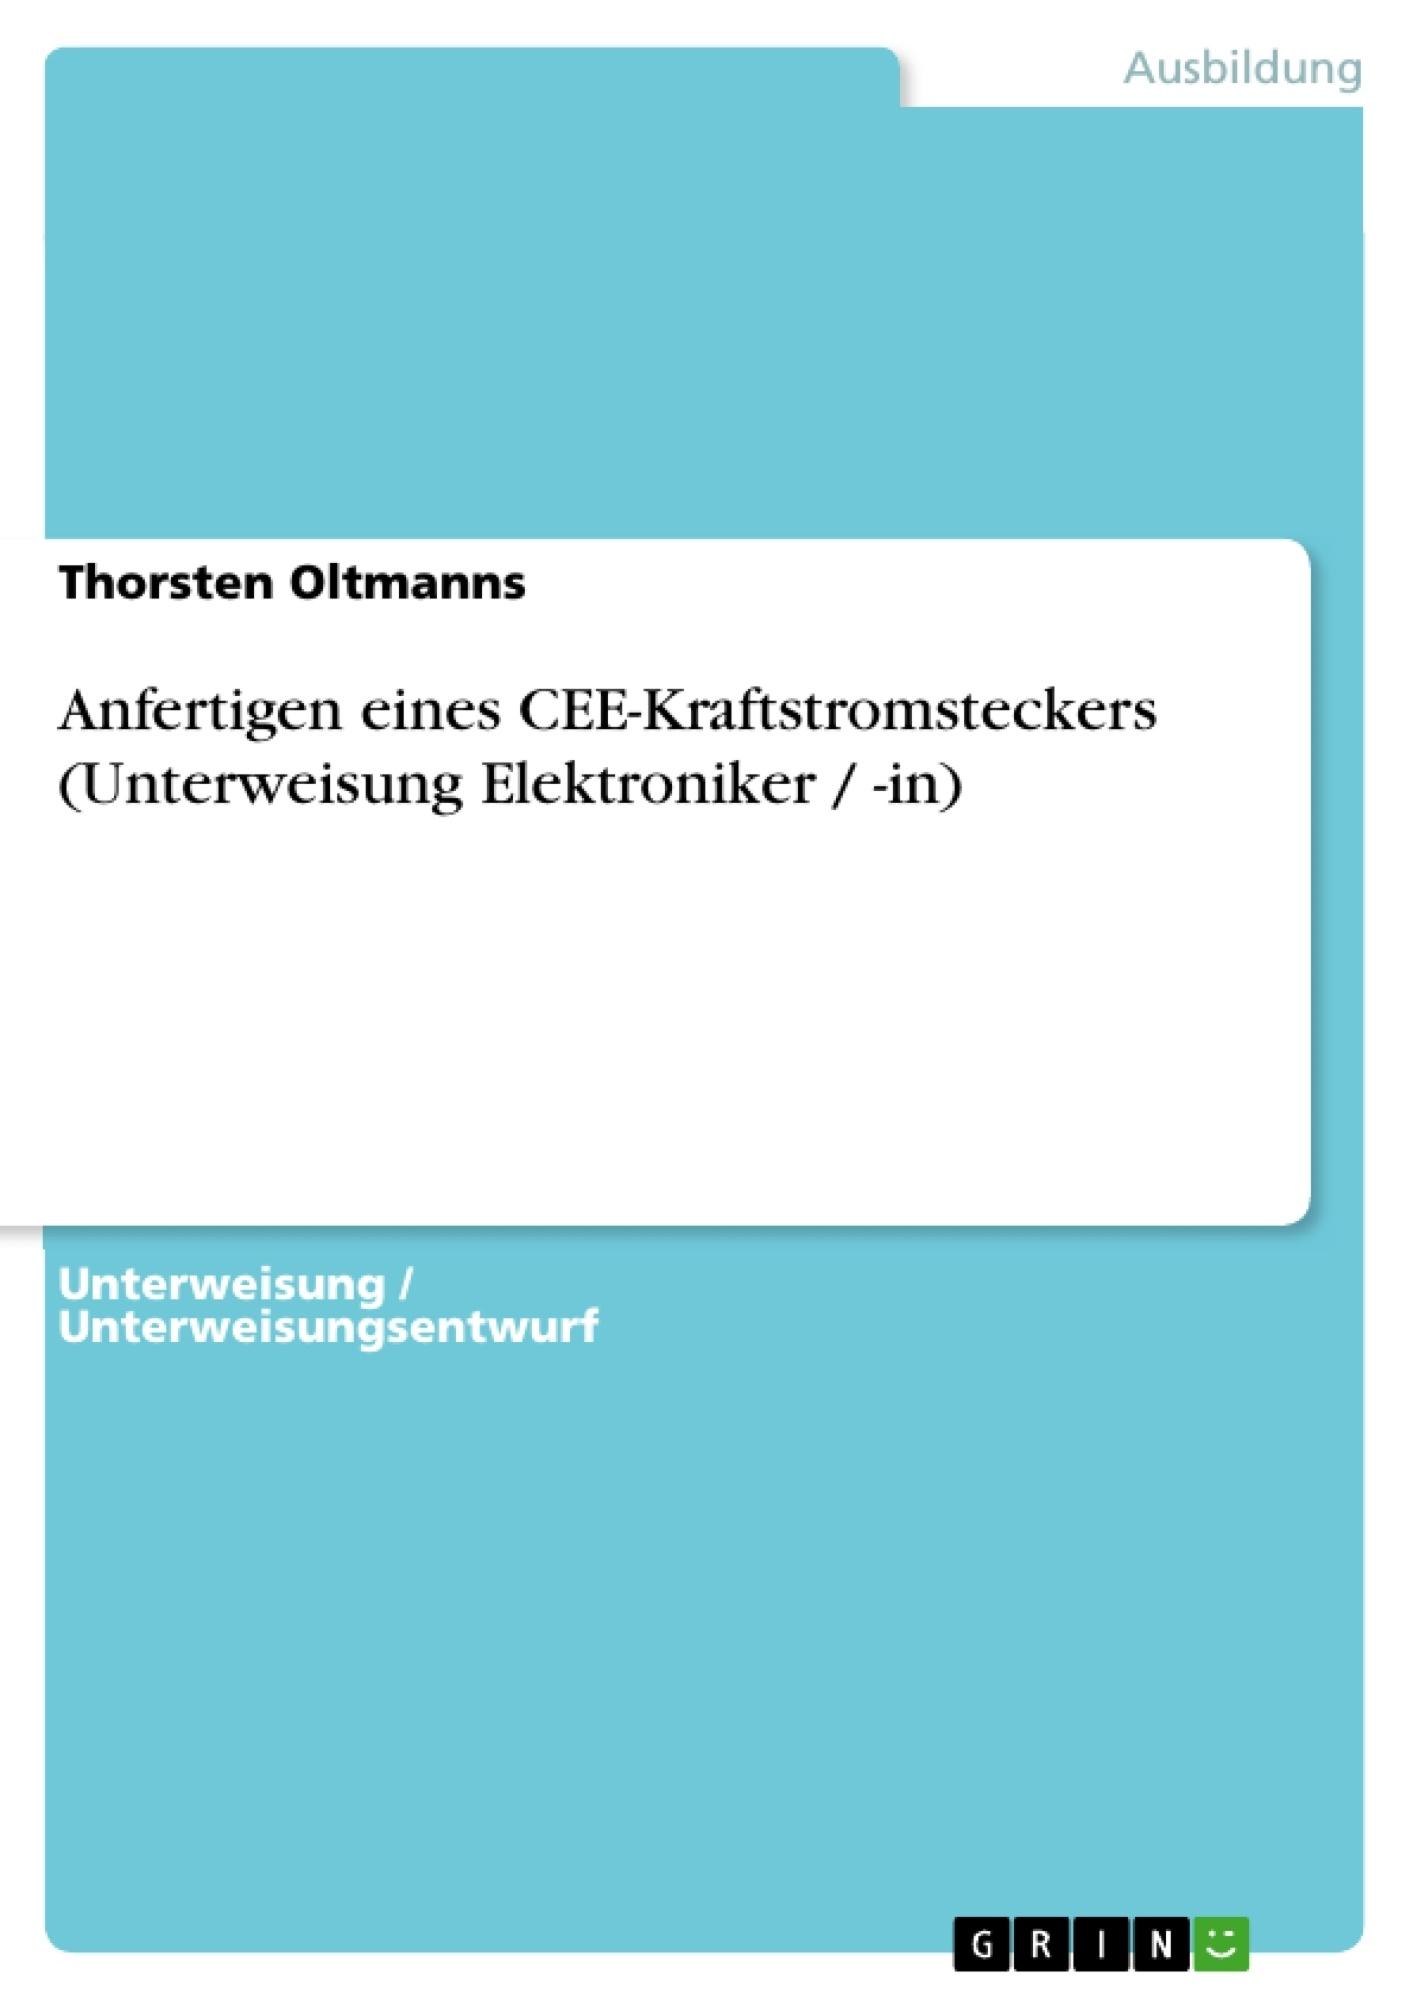 Titel: Anfertigen eines CEE-Kraftstromsteckers (Unterweisung Elektroniker / -in)